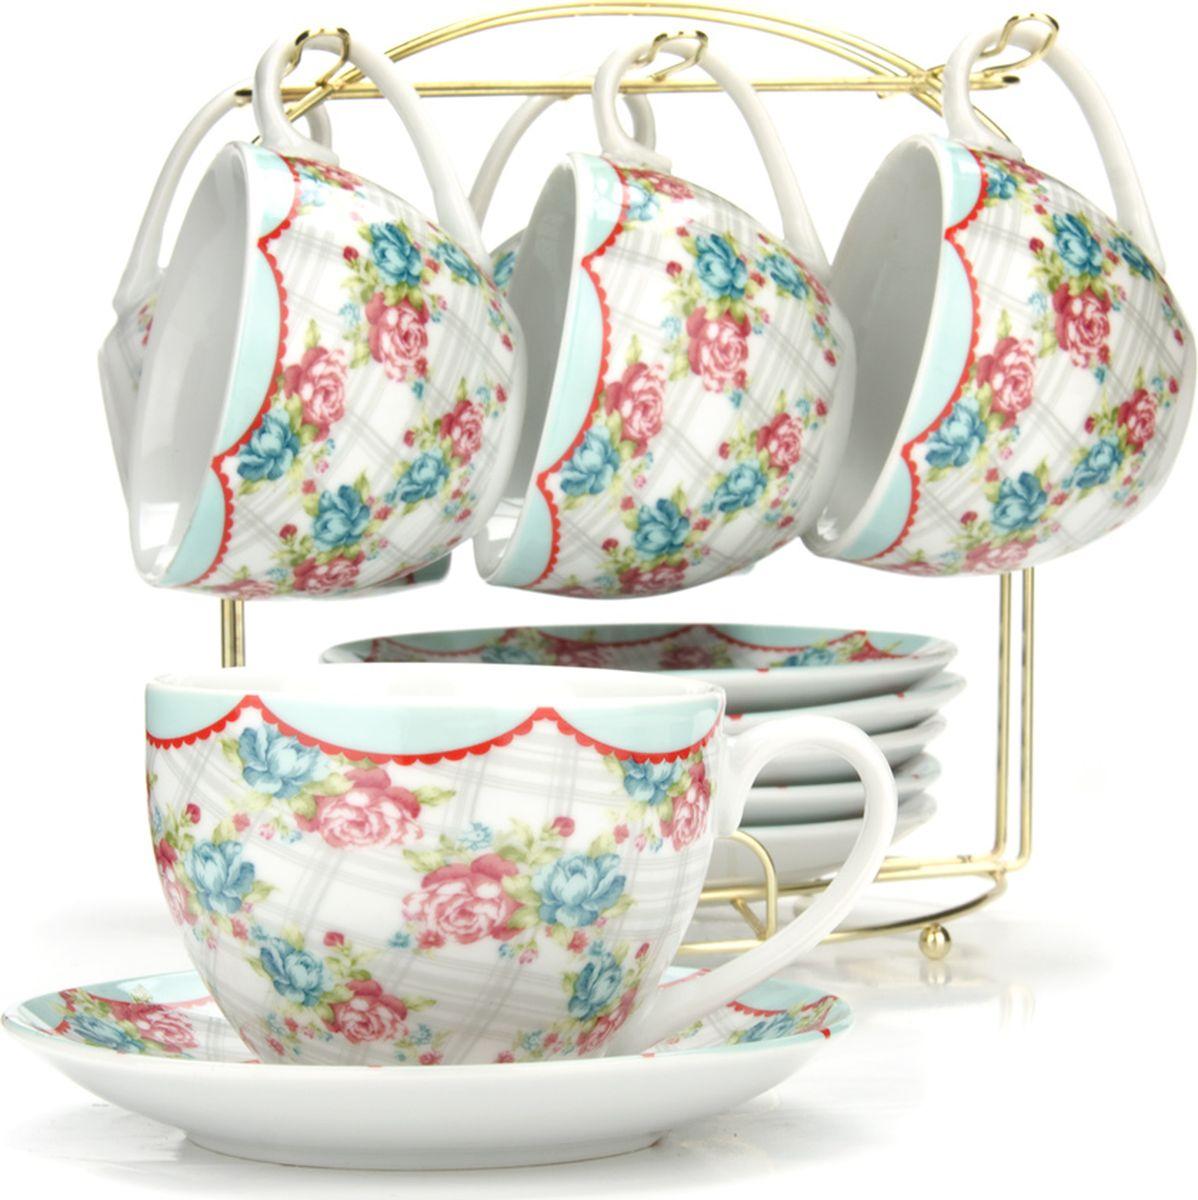 Сервиз чайный Loraine, на подставке, 13 предметов. 4329925951Чайный набор состоит из шести чашек, шести блюдец и металлической подставки золотого цвета. Предметы набора изготовлены из качественного фарфора и оформлены красочным цветным рисунком. Чайный набор идеально подойдет для сервировки стола и станет отличным подарком к любому празднику. Все изделия можно компактно хранить на подставке, входящей в набор. Подходит для мытья в посудомоечной машине.Диаметр чашки: 9 см.Высота чашки: 7 см.Объем чашки: 220 мл.Диаметр блюдца: 14 см.